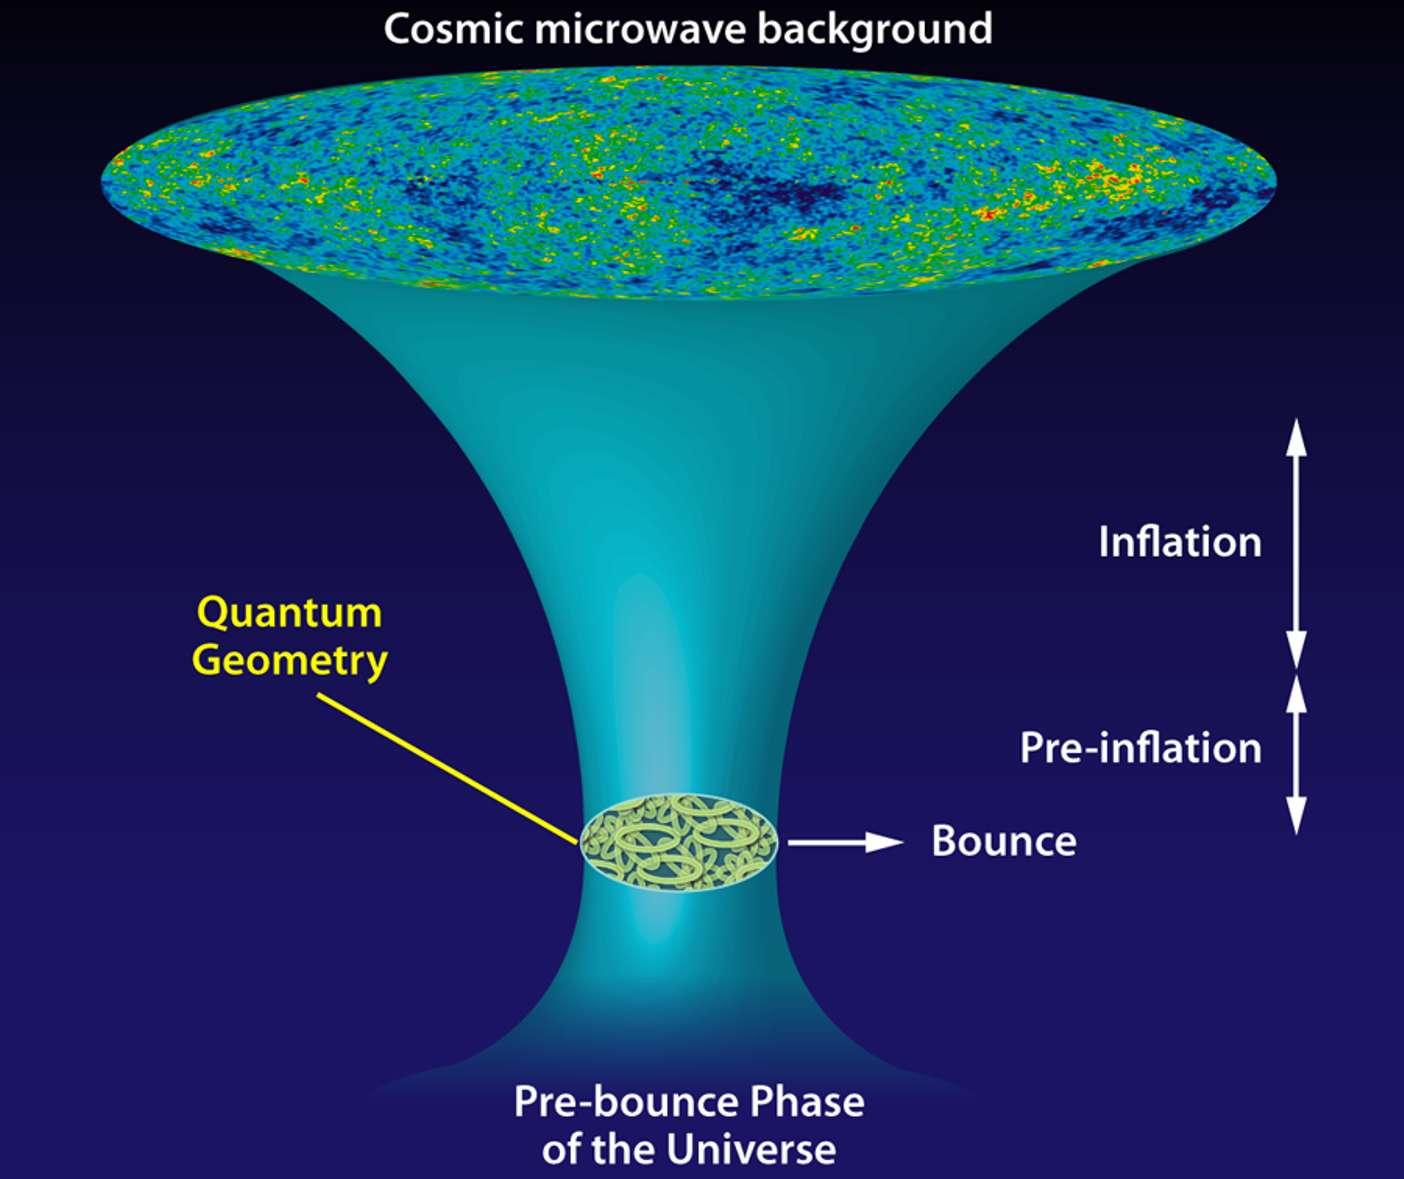 La cosmologie quantique à boucles, illustrée ici, élimine la singularité cosmologique initiale issue de la relativité générale. Elle introduit une géométrie quantique (Quantum Geometry) vers le mur de Planck. Elle prédit une phase inflationnaire laissant des traces possibles dans la polarisation du rayonnement fossile (Cosmic microwave background), mais aussi un avant Big Bang. L'Univers se serait effondré pour rebondir (bounce, ou rebond) avec une nouvelle phase d'expansion dans laquelle nous vivons. © APS, Alan Stonebraker